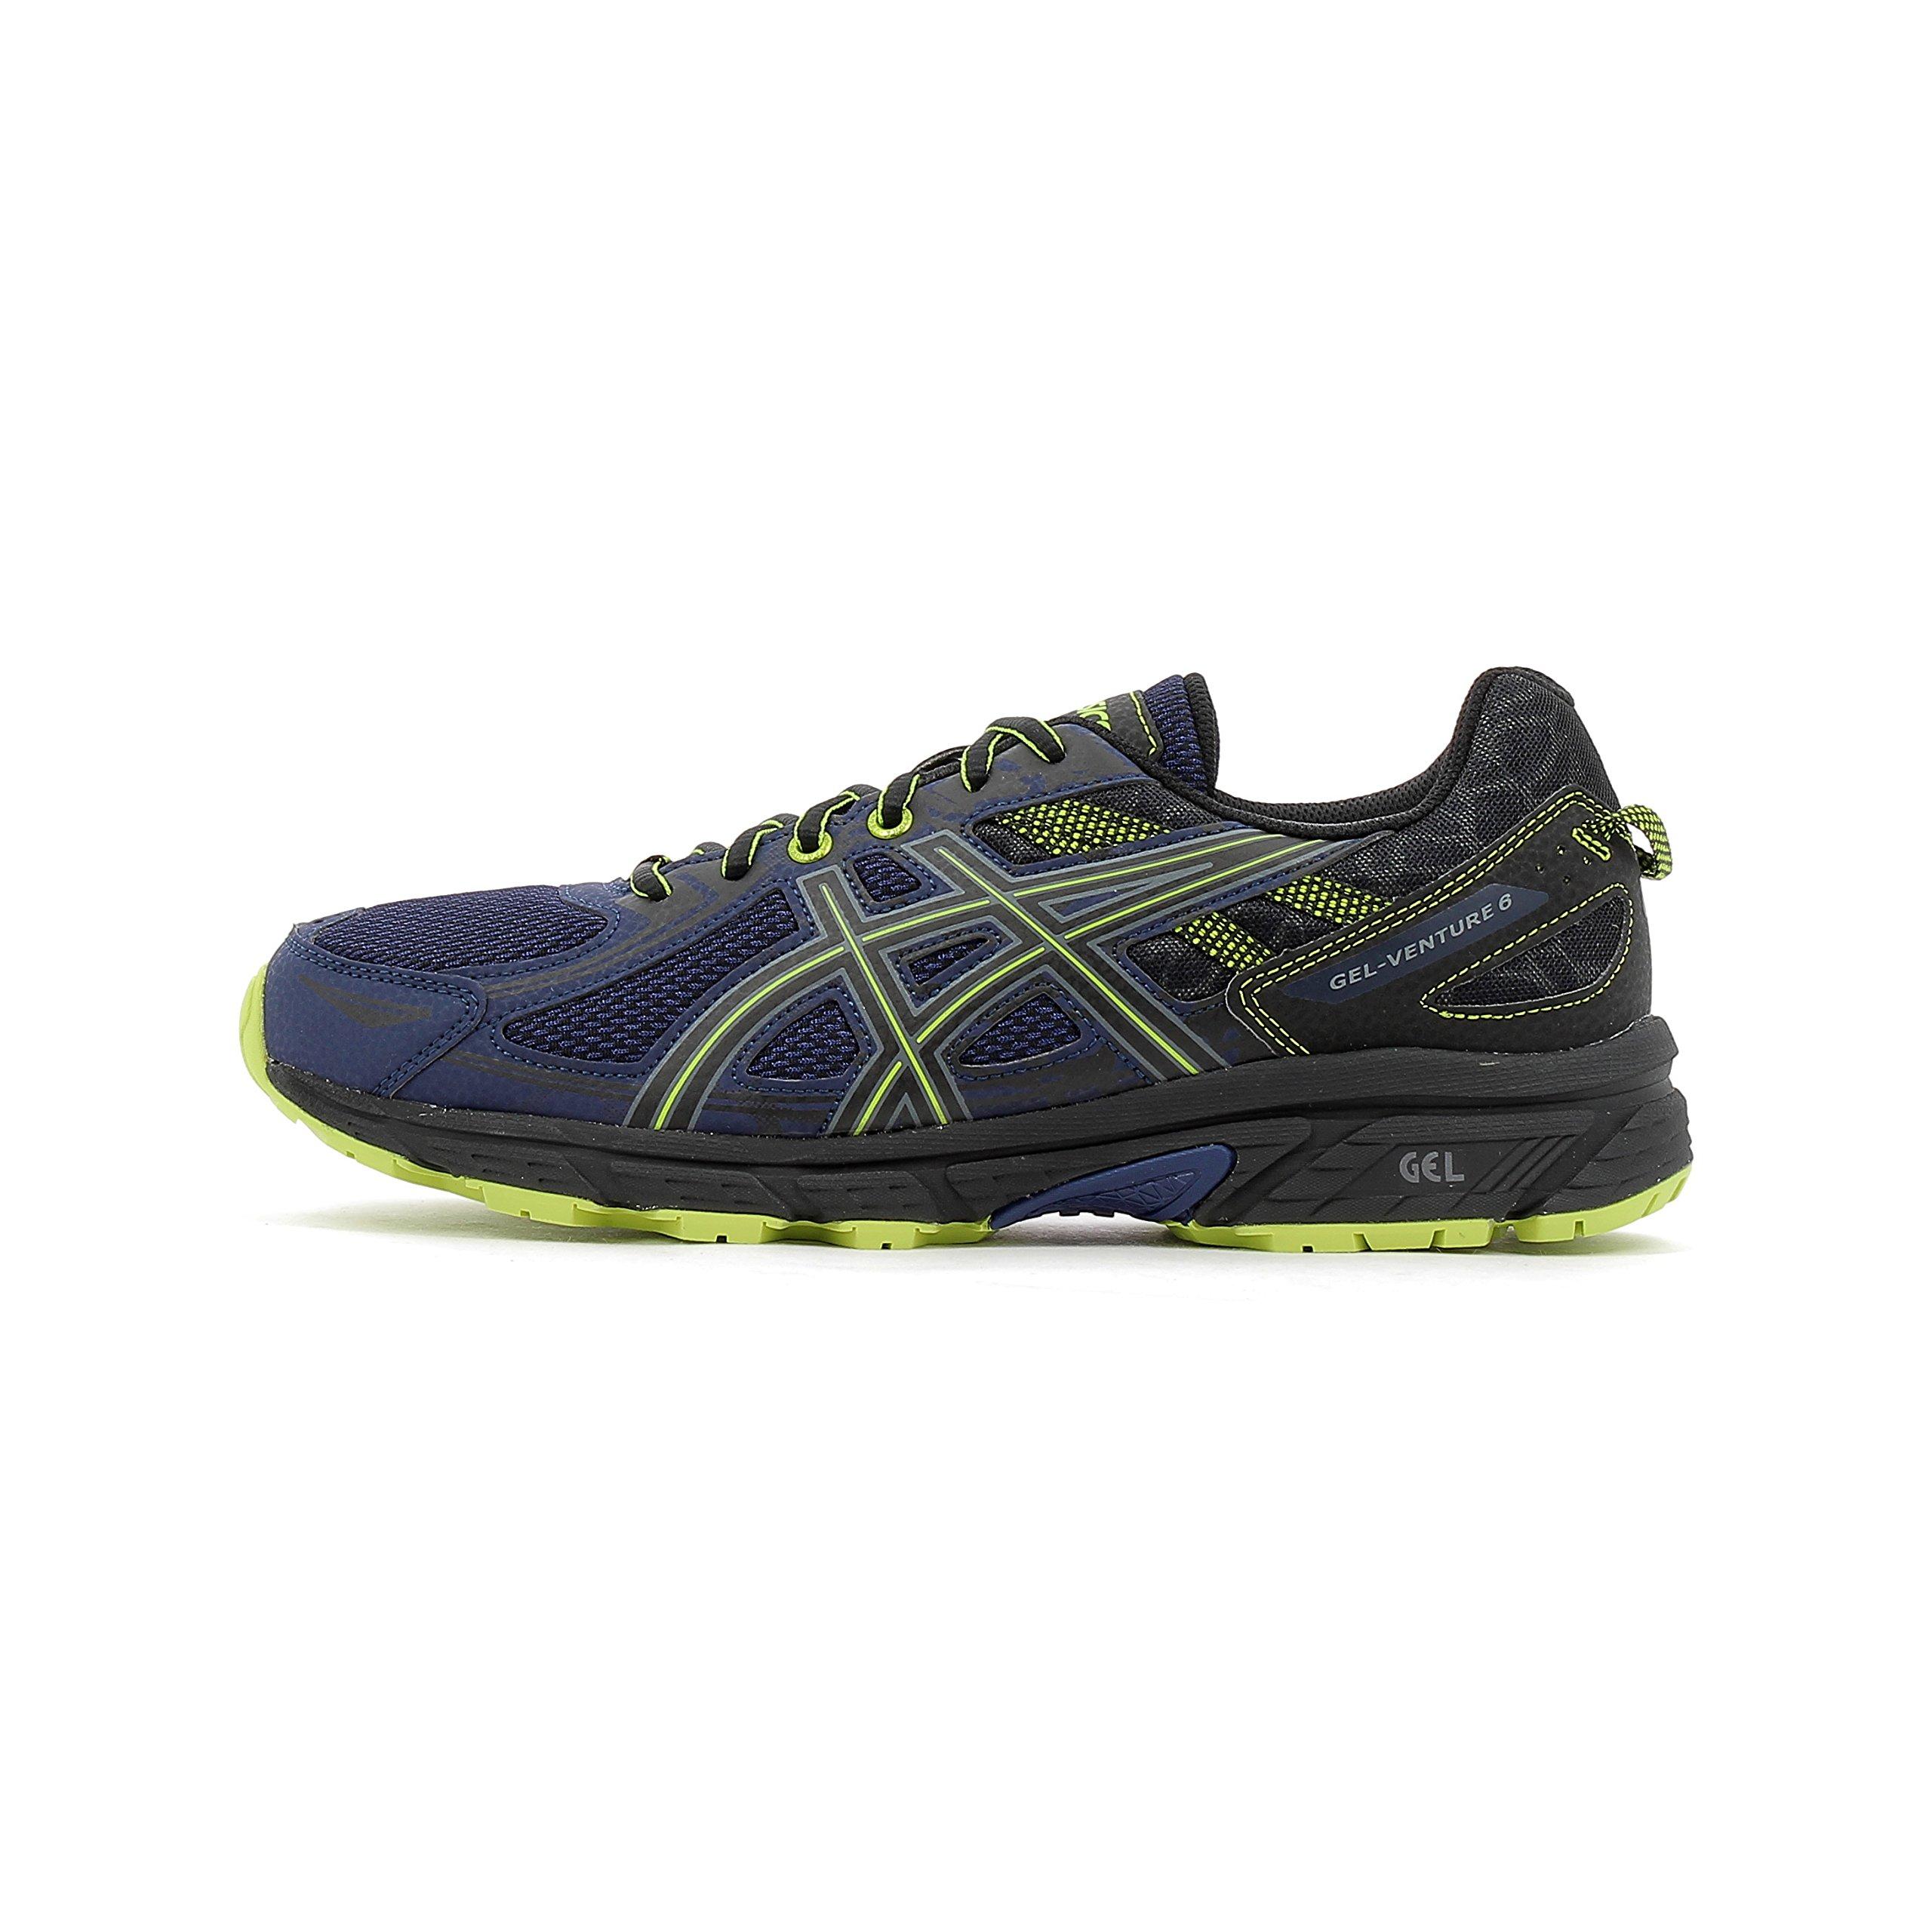 Zapatillas de Trail Running de Hombre Gel-Venture 6 Asics: Amazon.es: Deportes y aire libre